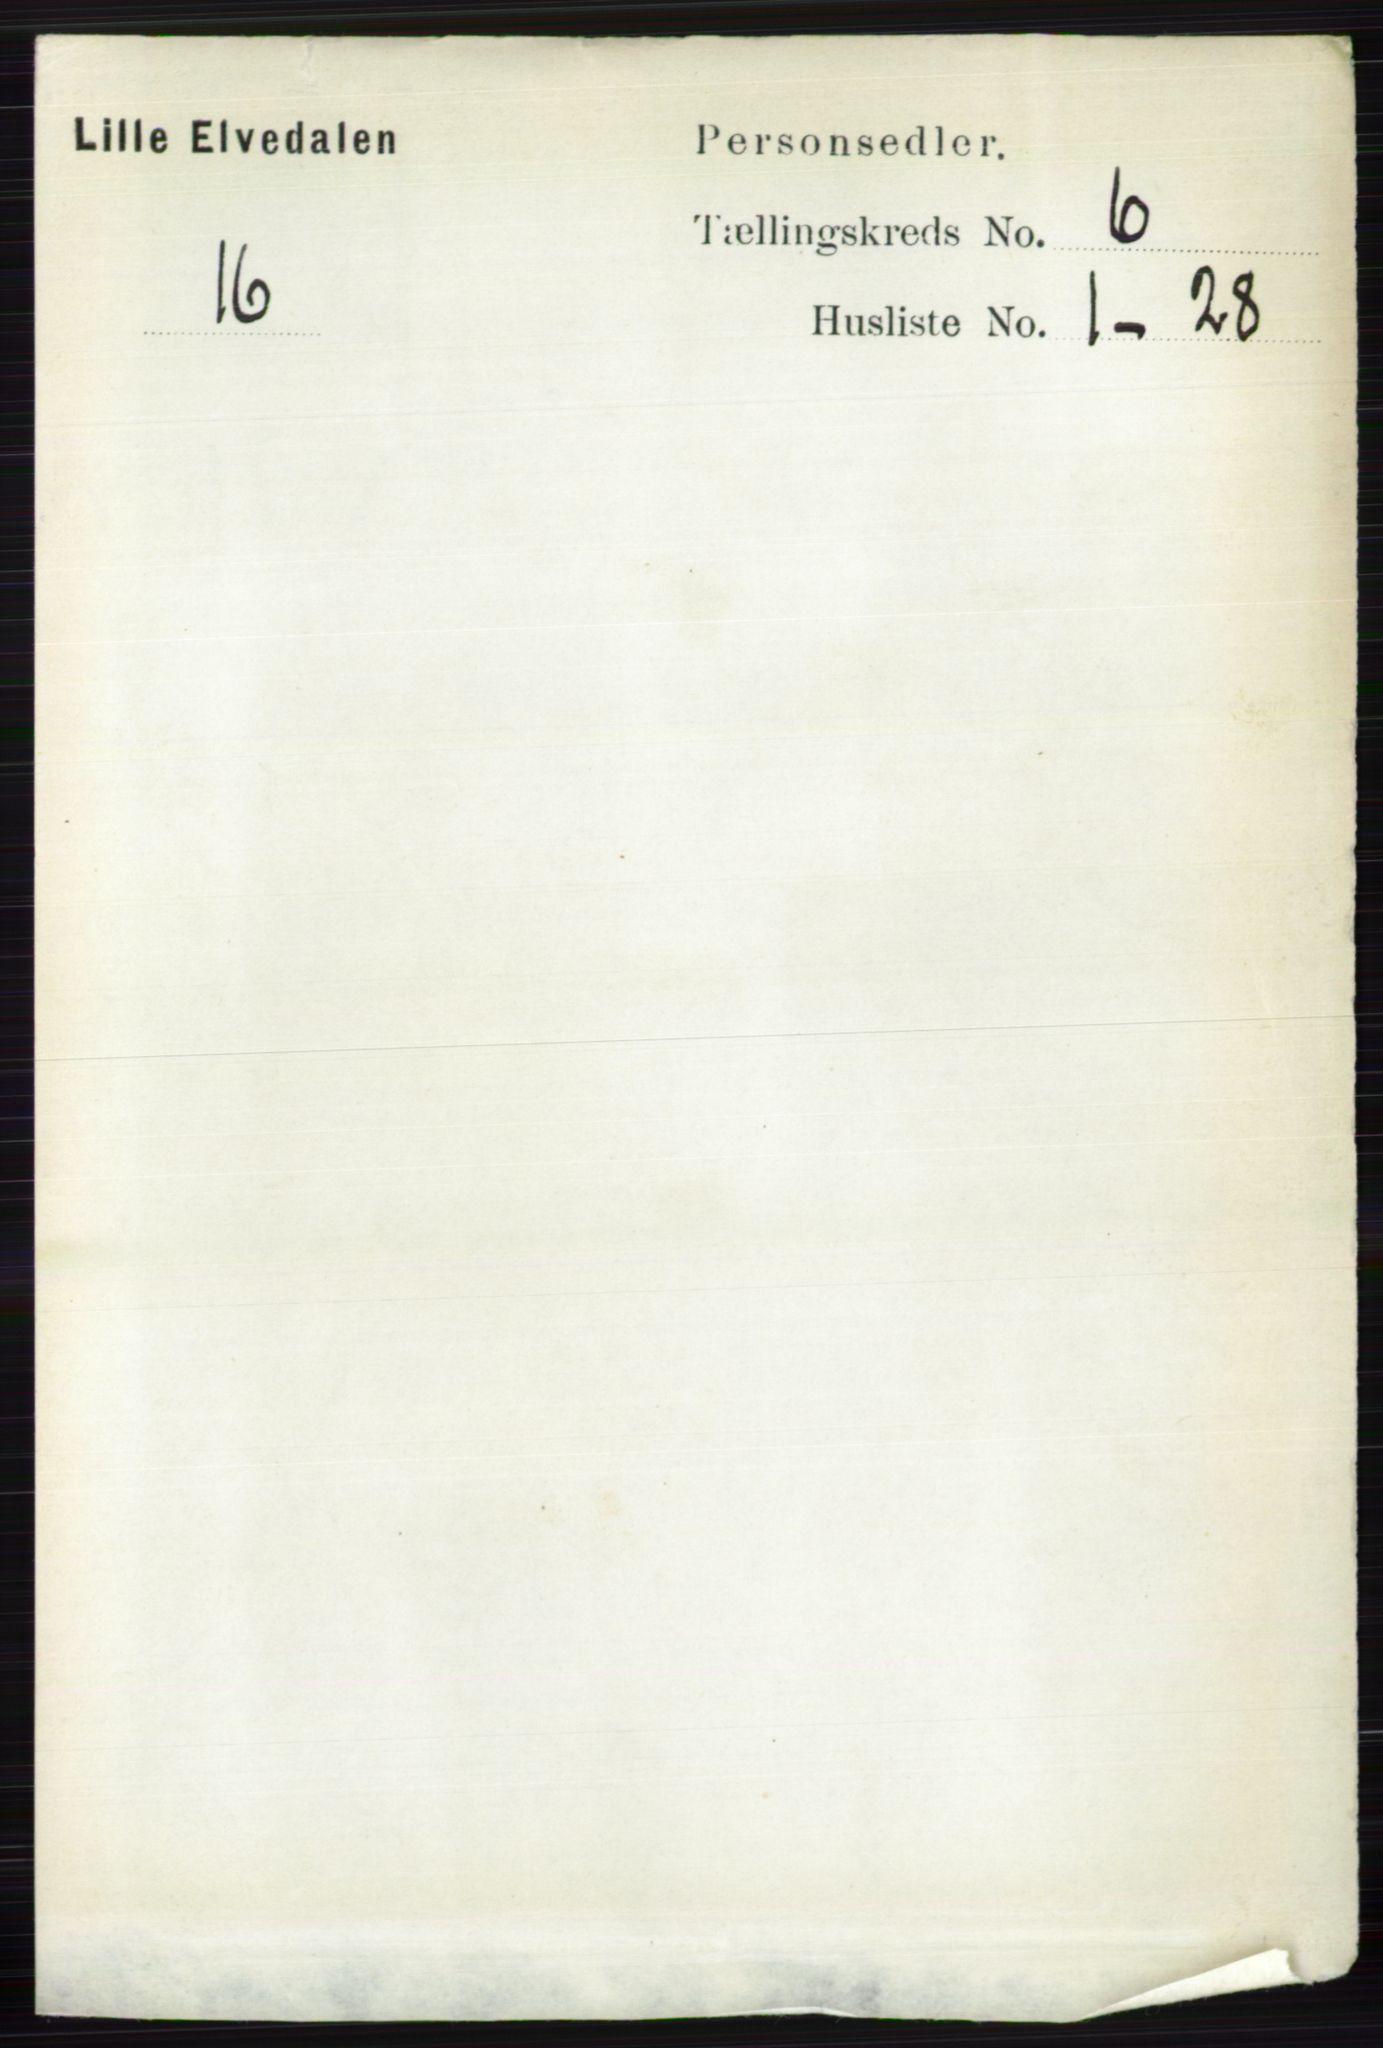 RA, Folketelling 1891 for 0438 Lille Elvedalen herred, 1891, s. 1829